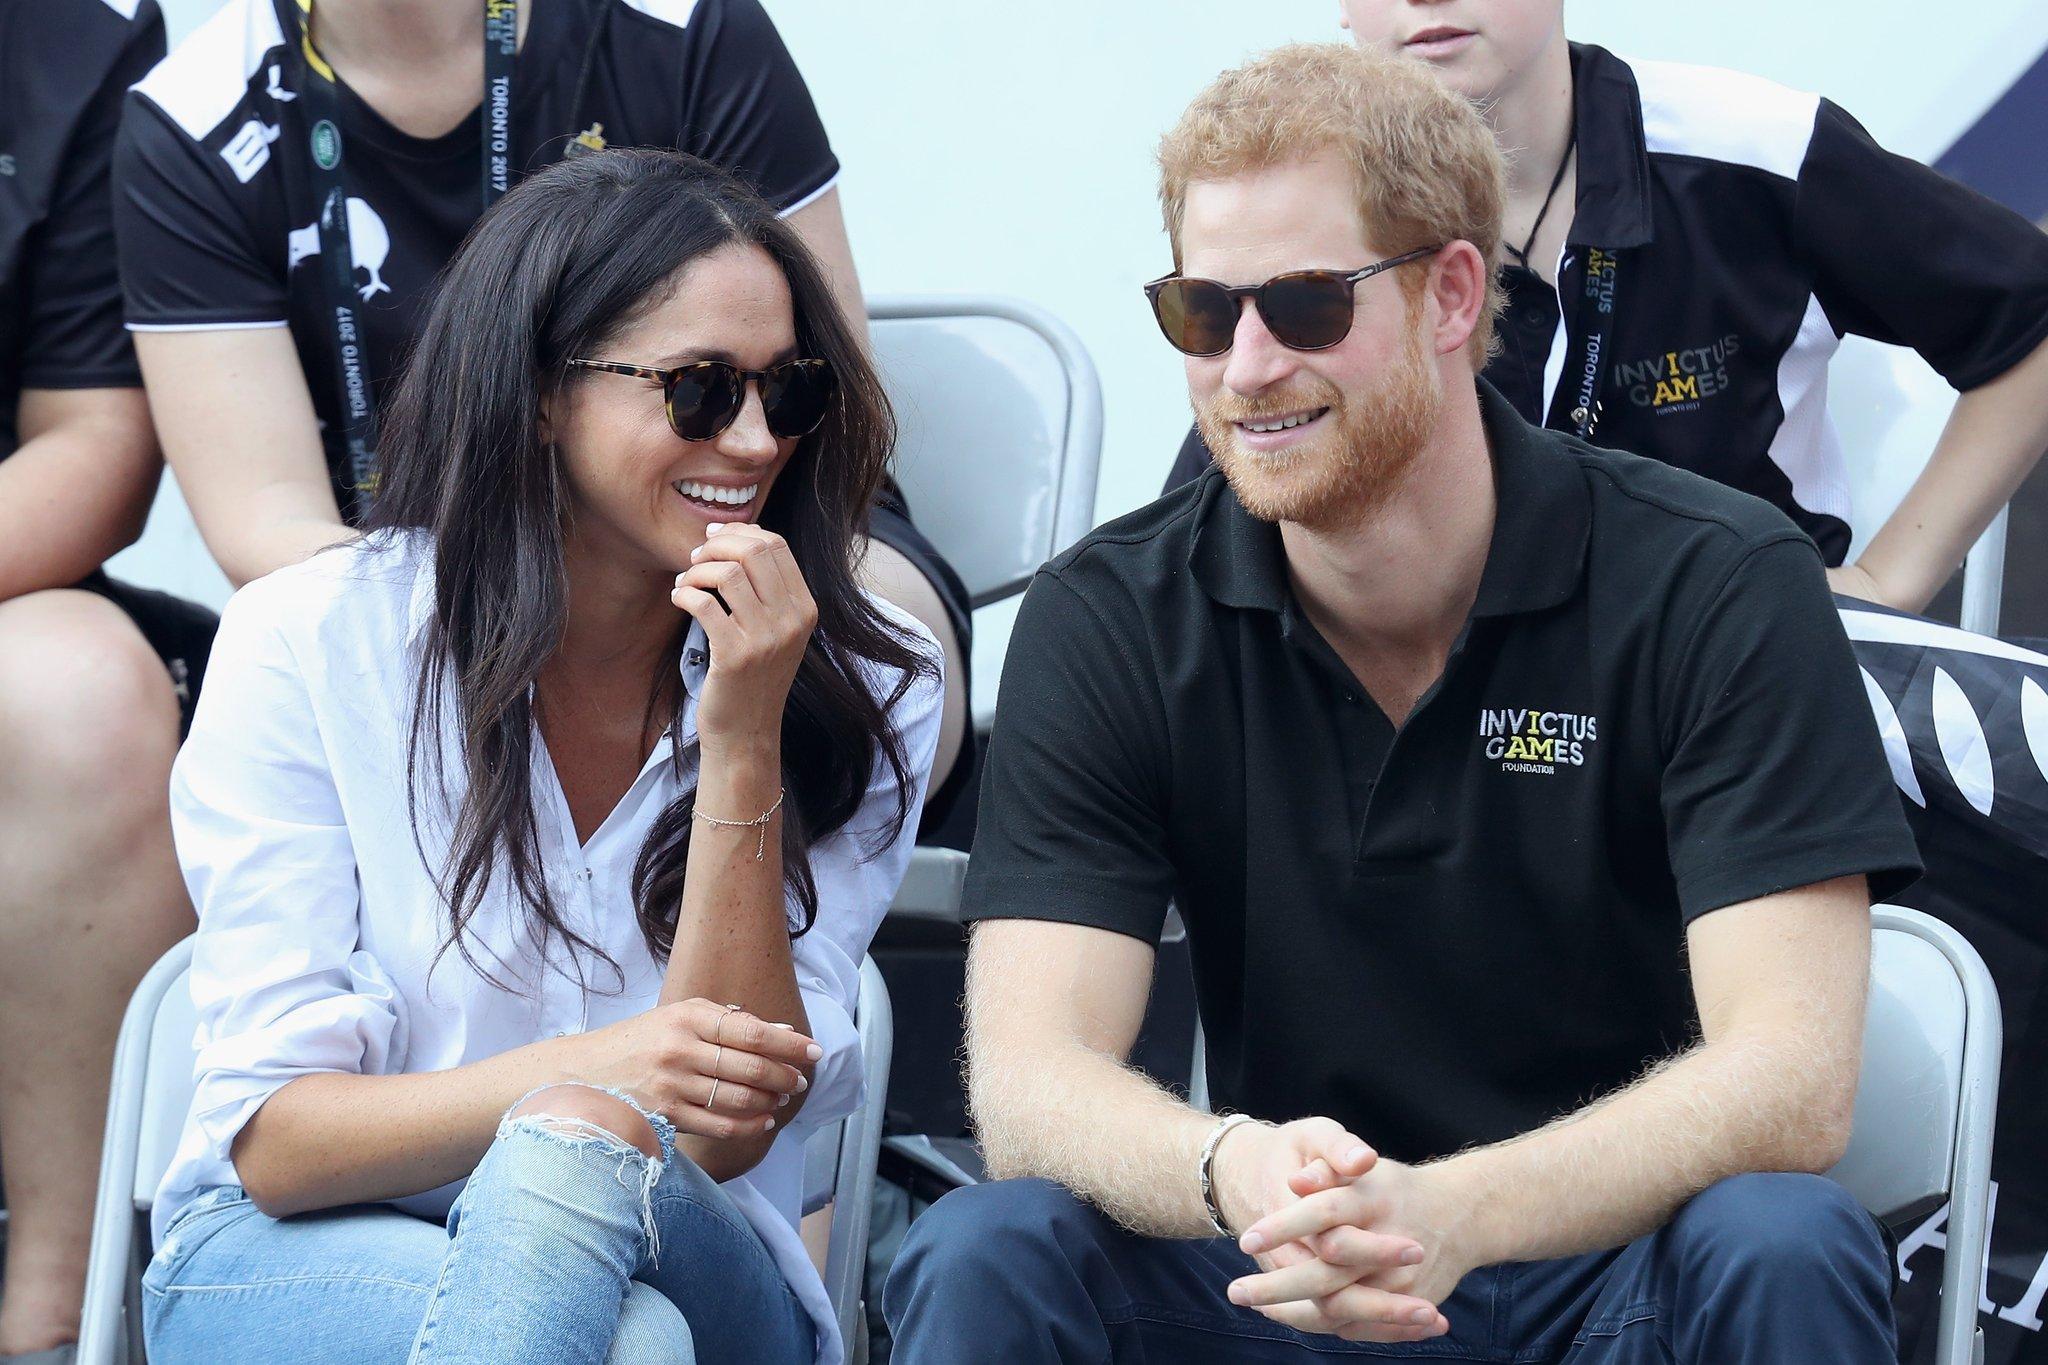 Het stel heeft sinds juni 2016 een relatie. Prins Harry had Meghan Markle leren kennen in Toronto bij de lancering van de Invictus Games.